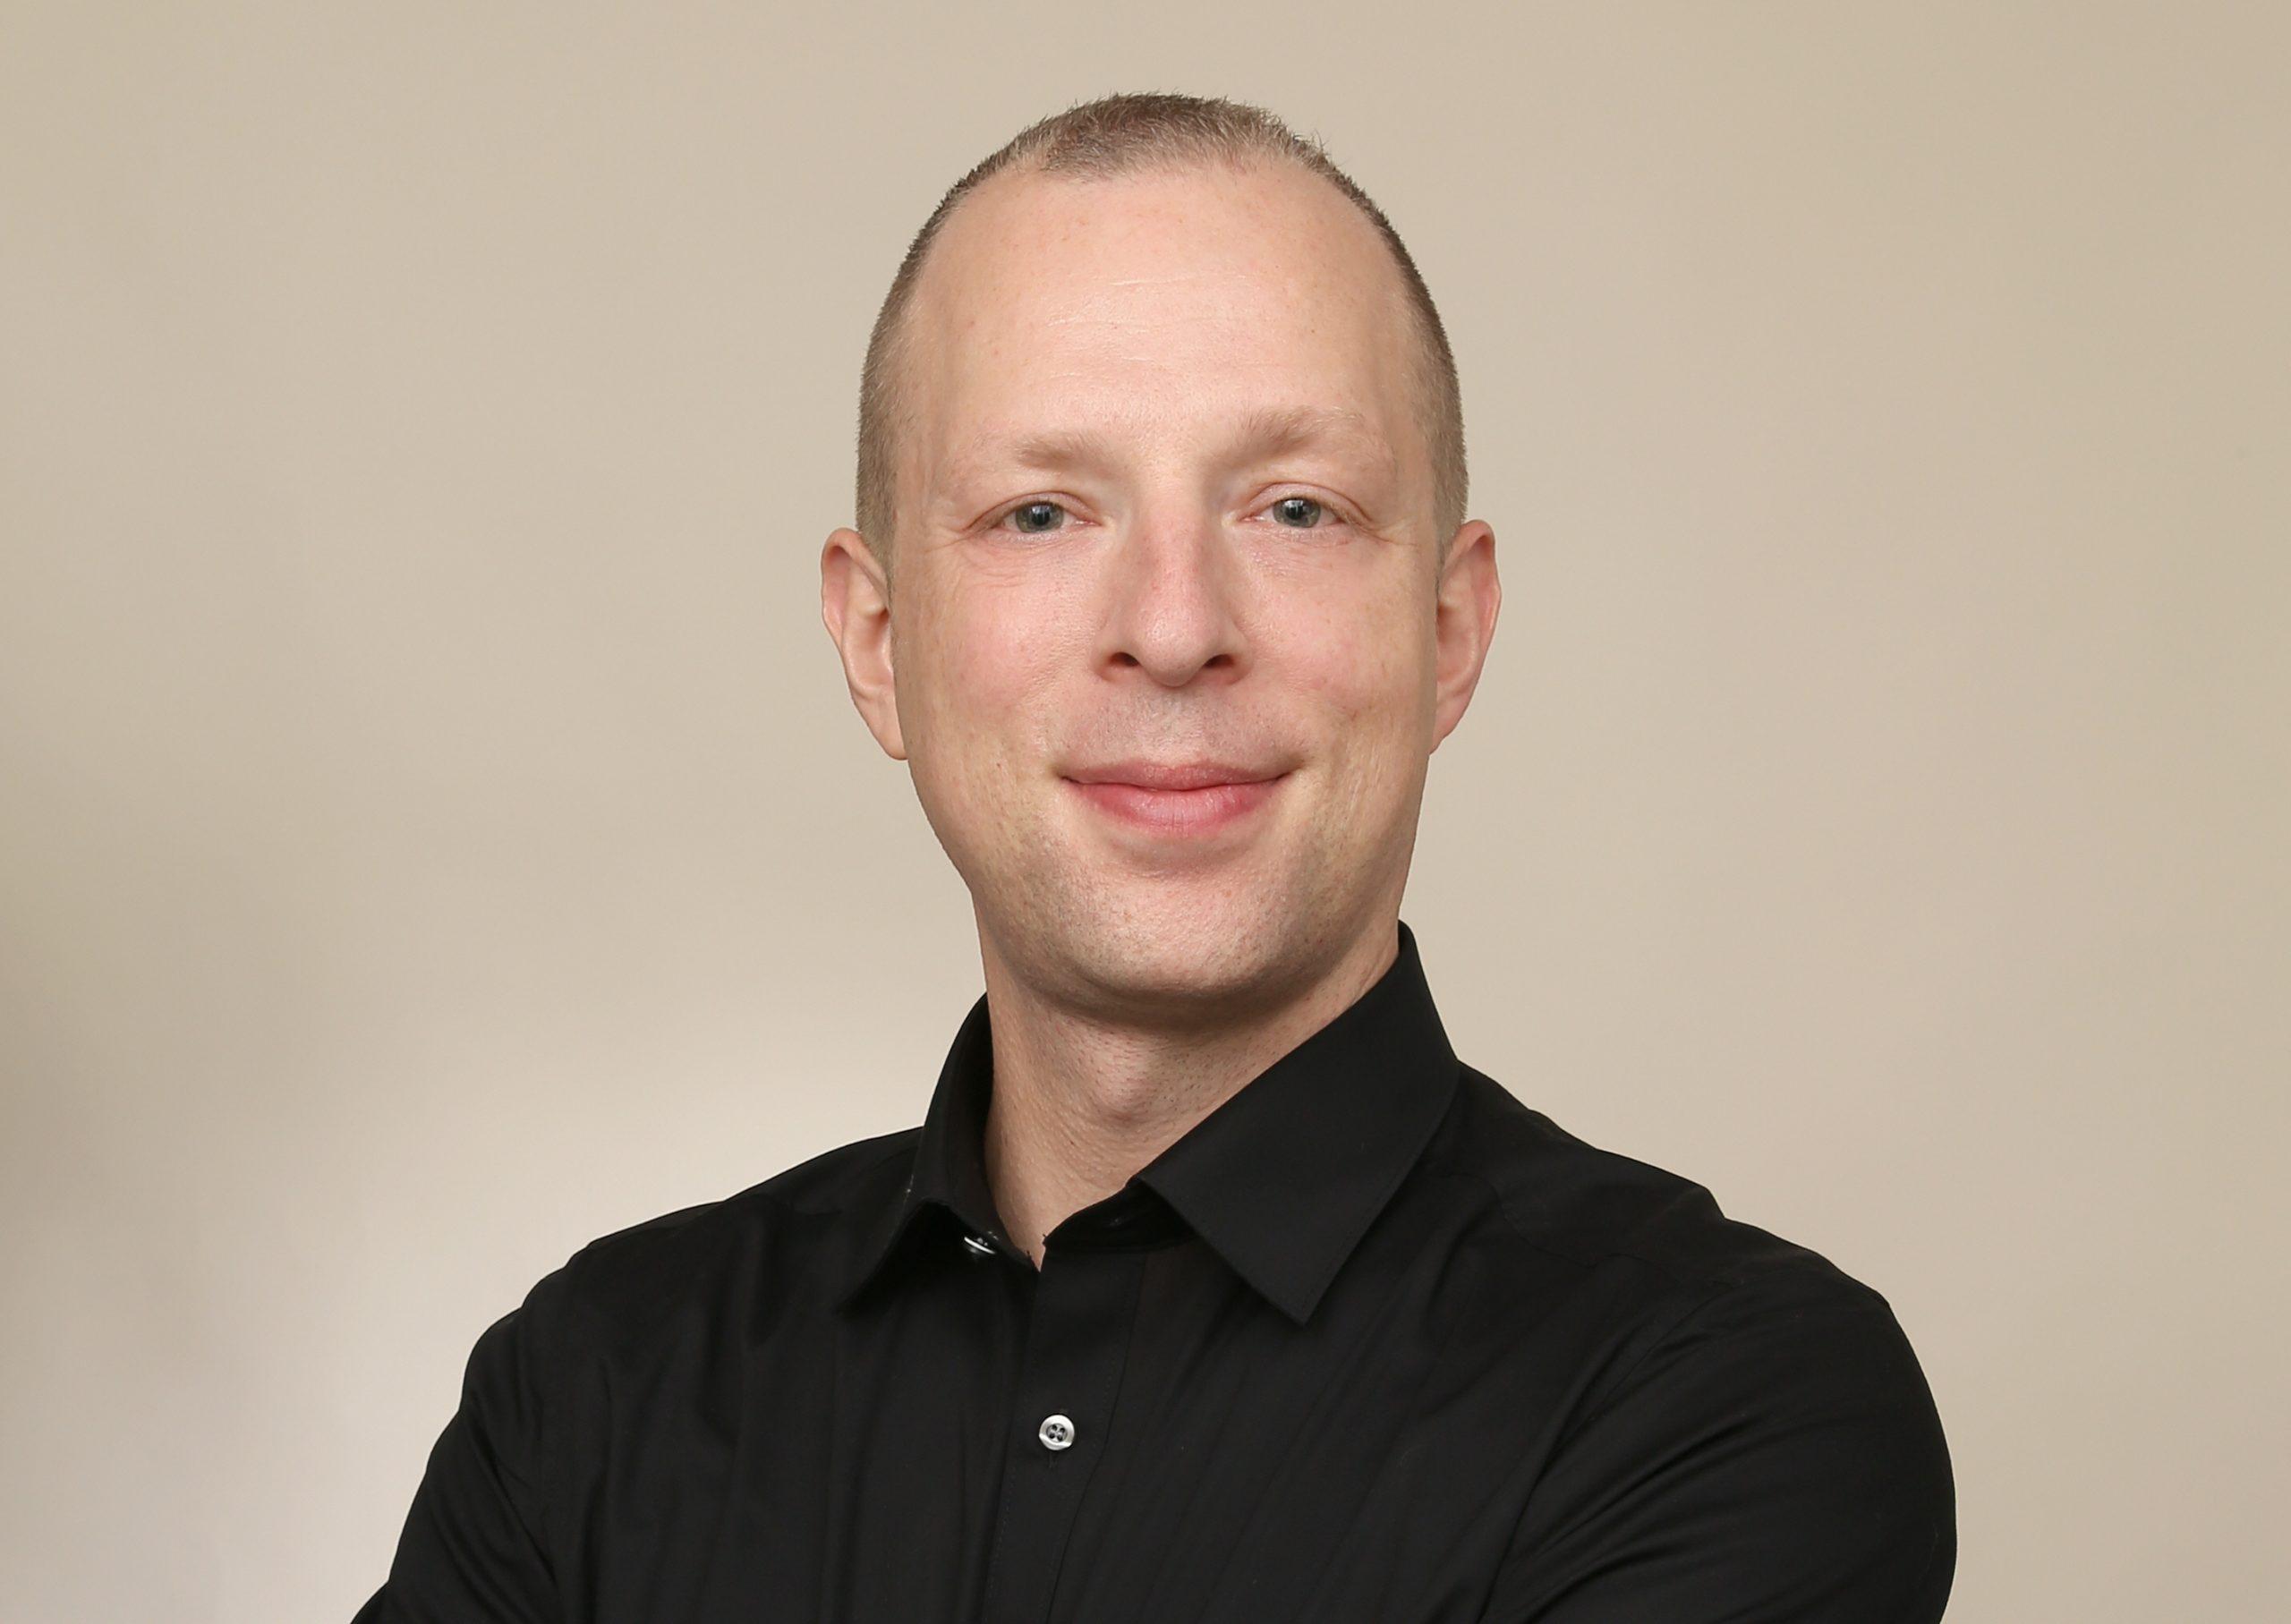 Christian Gladisch